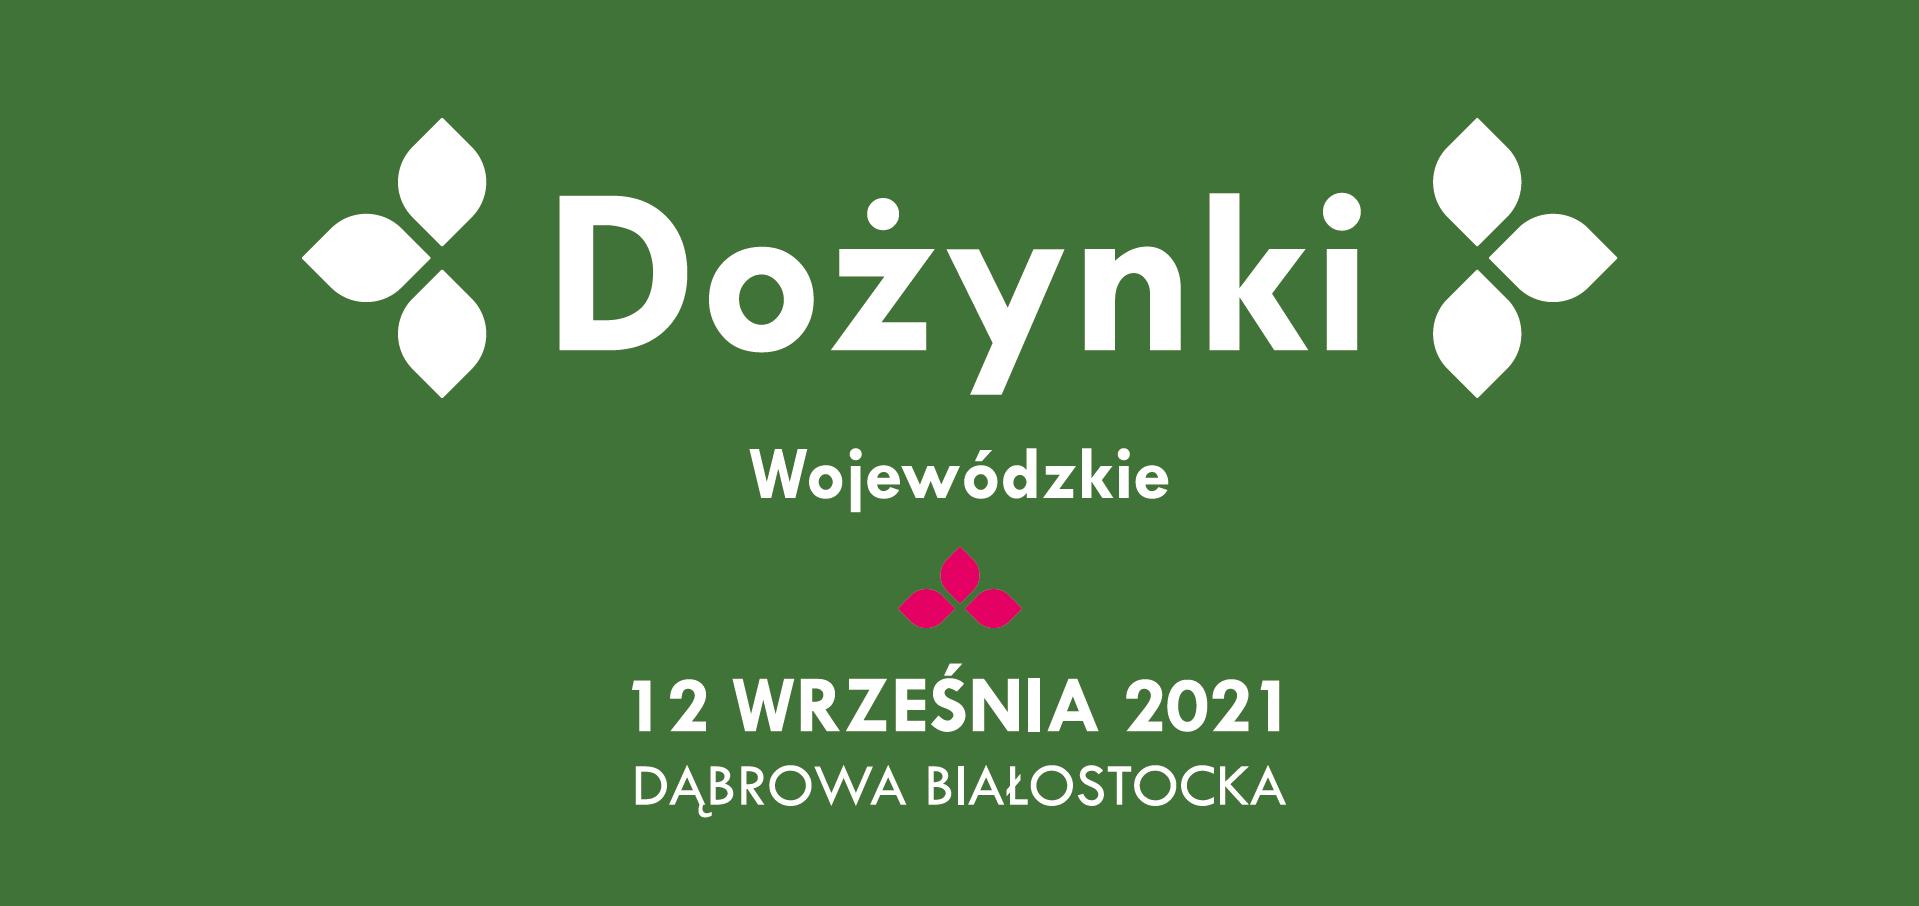 Dożynki Wojewódzkie 2021!